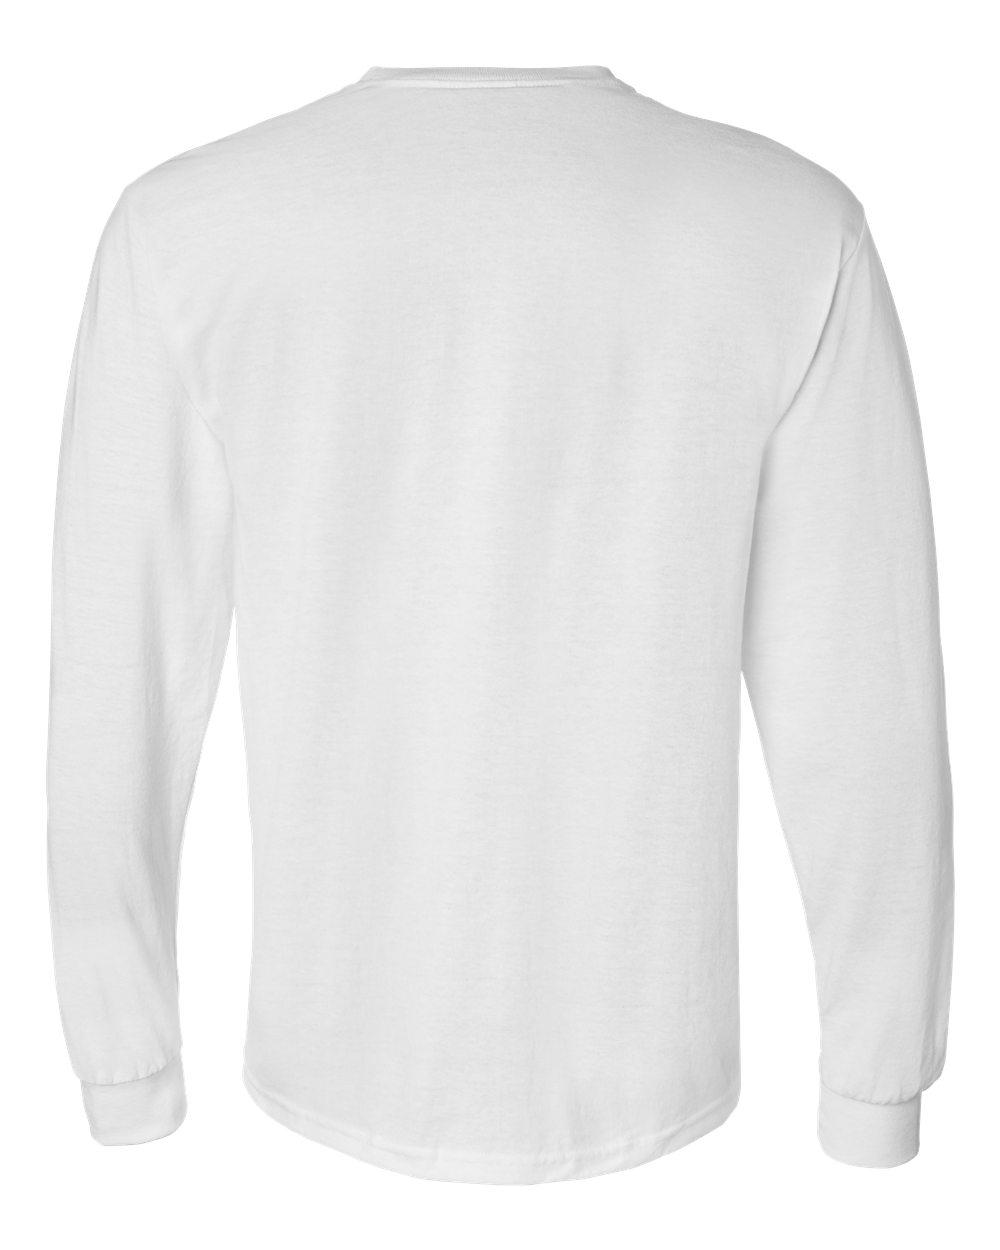 Gildan-Mens-Blank-DryBlend-50-50-Cotton-Long-Sleeve-T-Shirt-8400-up-to-3XL miniature 49